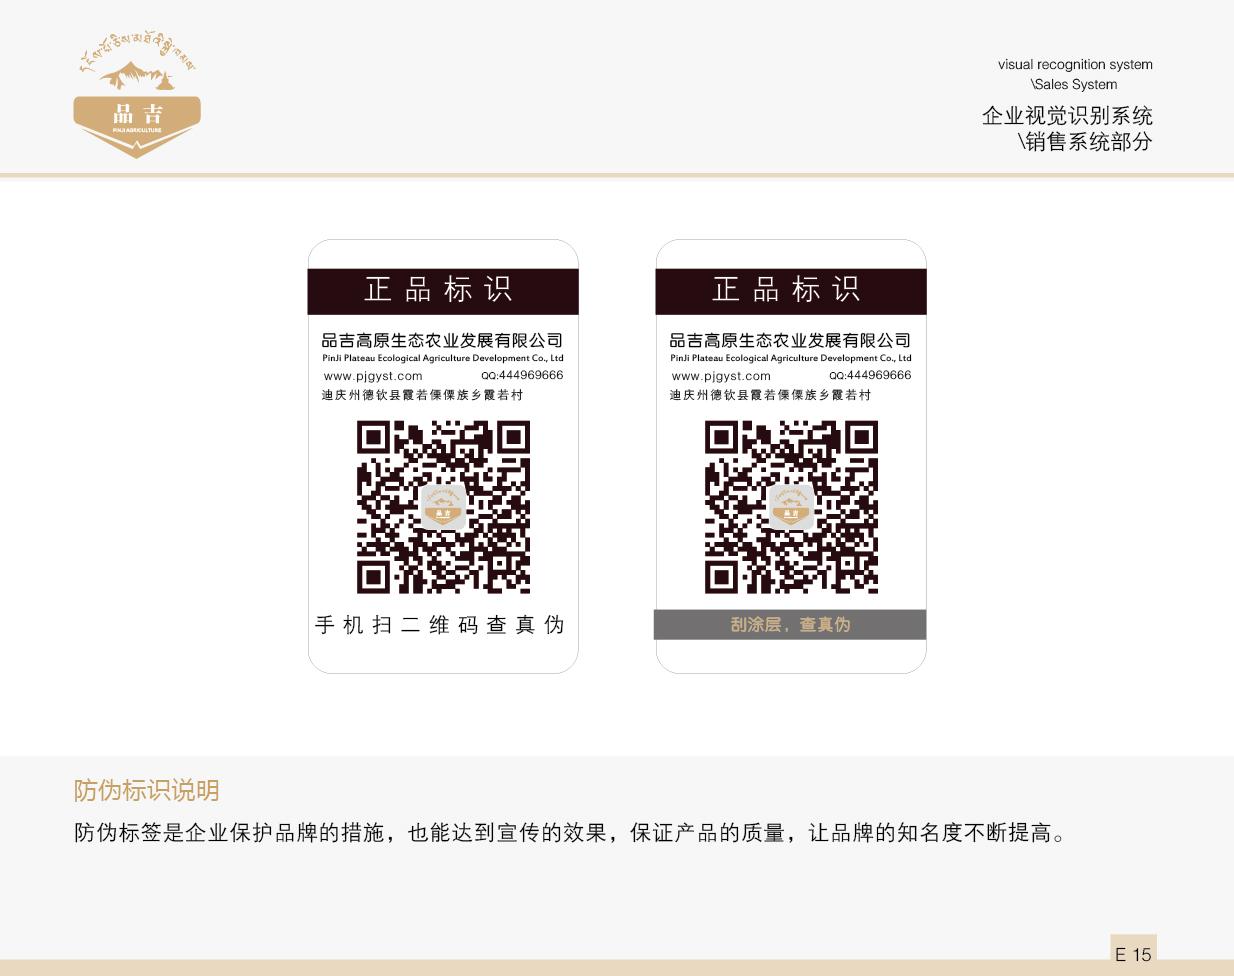 品吉农业VI 销售系统部分  客户资料  第16张